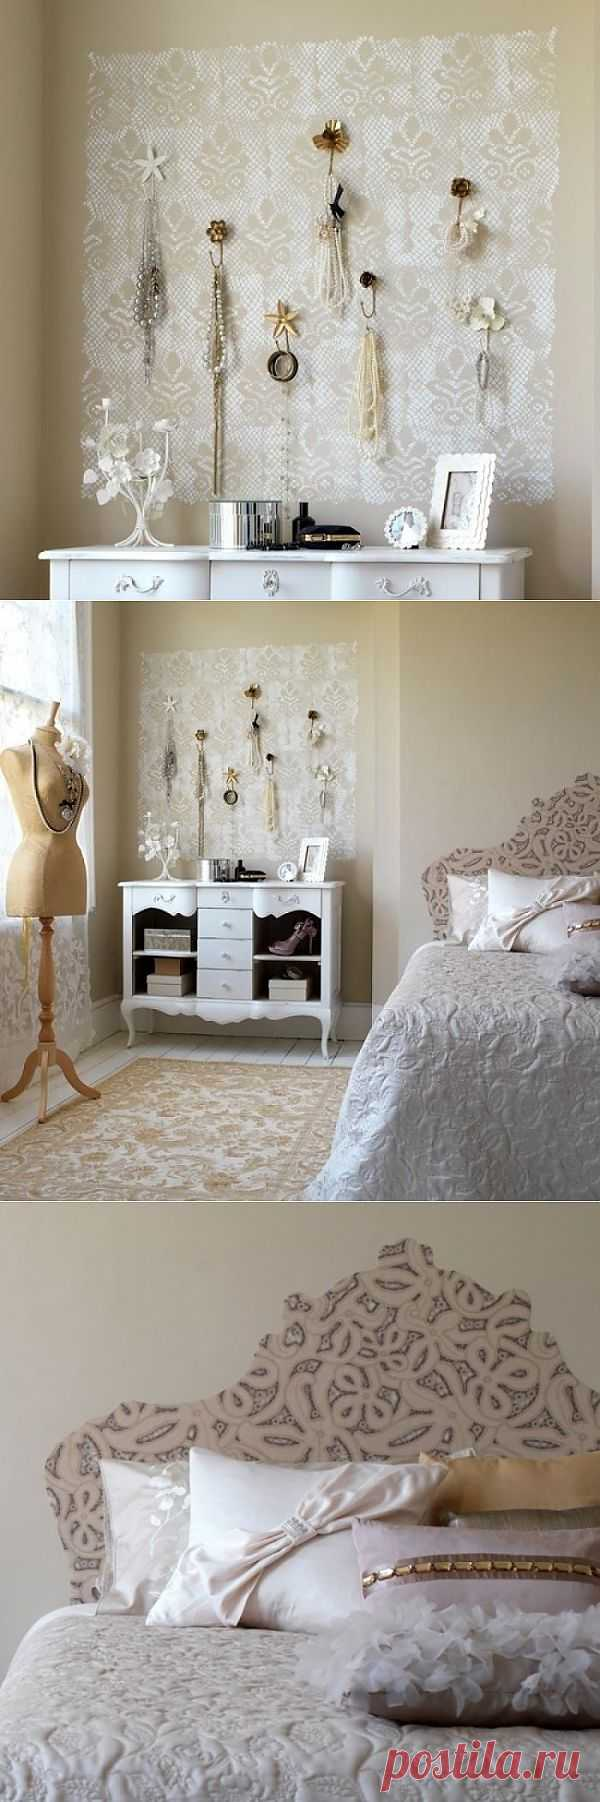 ПМЖ для украшений / Организованное хранение / Модный сайт о стильной переделке одежды и интерьера